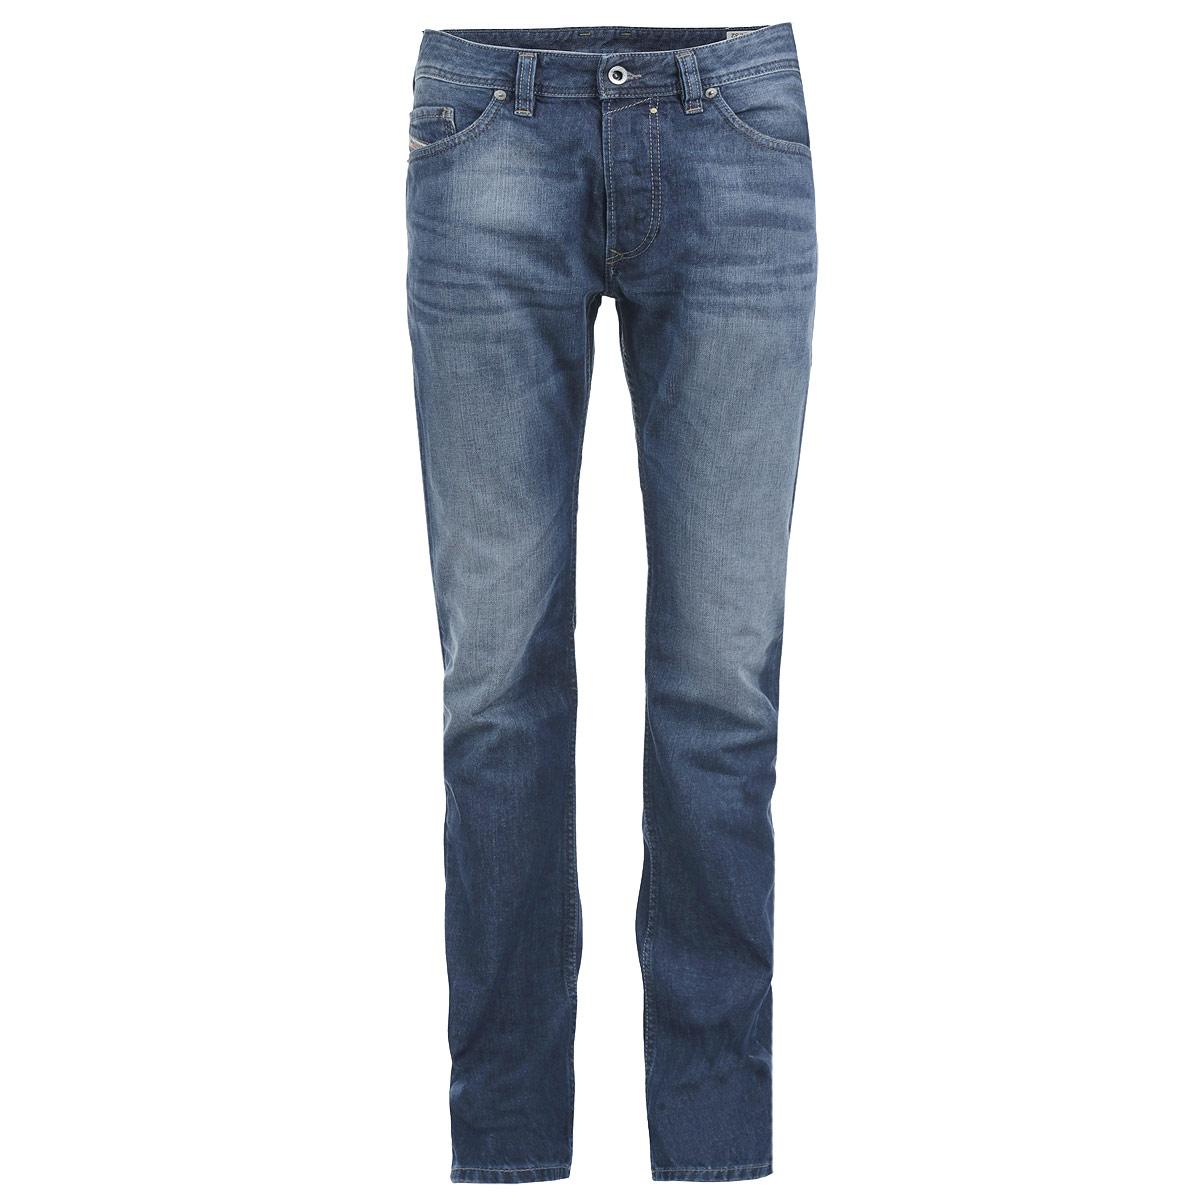 Джинсы мужские. 00C03G-0842C00C03G-0842C/01Стильные мужские джинсы Diesel - джинсы высочайшего качества, которые прекрасно сидят. Они отлично сочетаются с разными рубашками и футболками, создавая образ, как на каждый день, так и для отдыха. Джинсы средней посадки изготовлены из высококачественного 100% хлопка, не сковывают движения и пропускают воздух, позволяя коже дышать. Джинсы имеют ширинку на пуговицах, пояс дополнен шлевками для ремня. Джинсы имеют классический пятикарманный крой: спереди модель дополнена двумя втачными карманами и одним маленьким накладным кармашком, а сзади - двумя накладными карманами. Эти модные и в тоже время удобные джинсы помогут вам создать оригинальный современный образ. В них вы всегда будете чувствовать себя уверенно и комфортно.